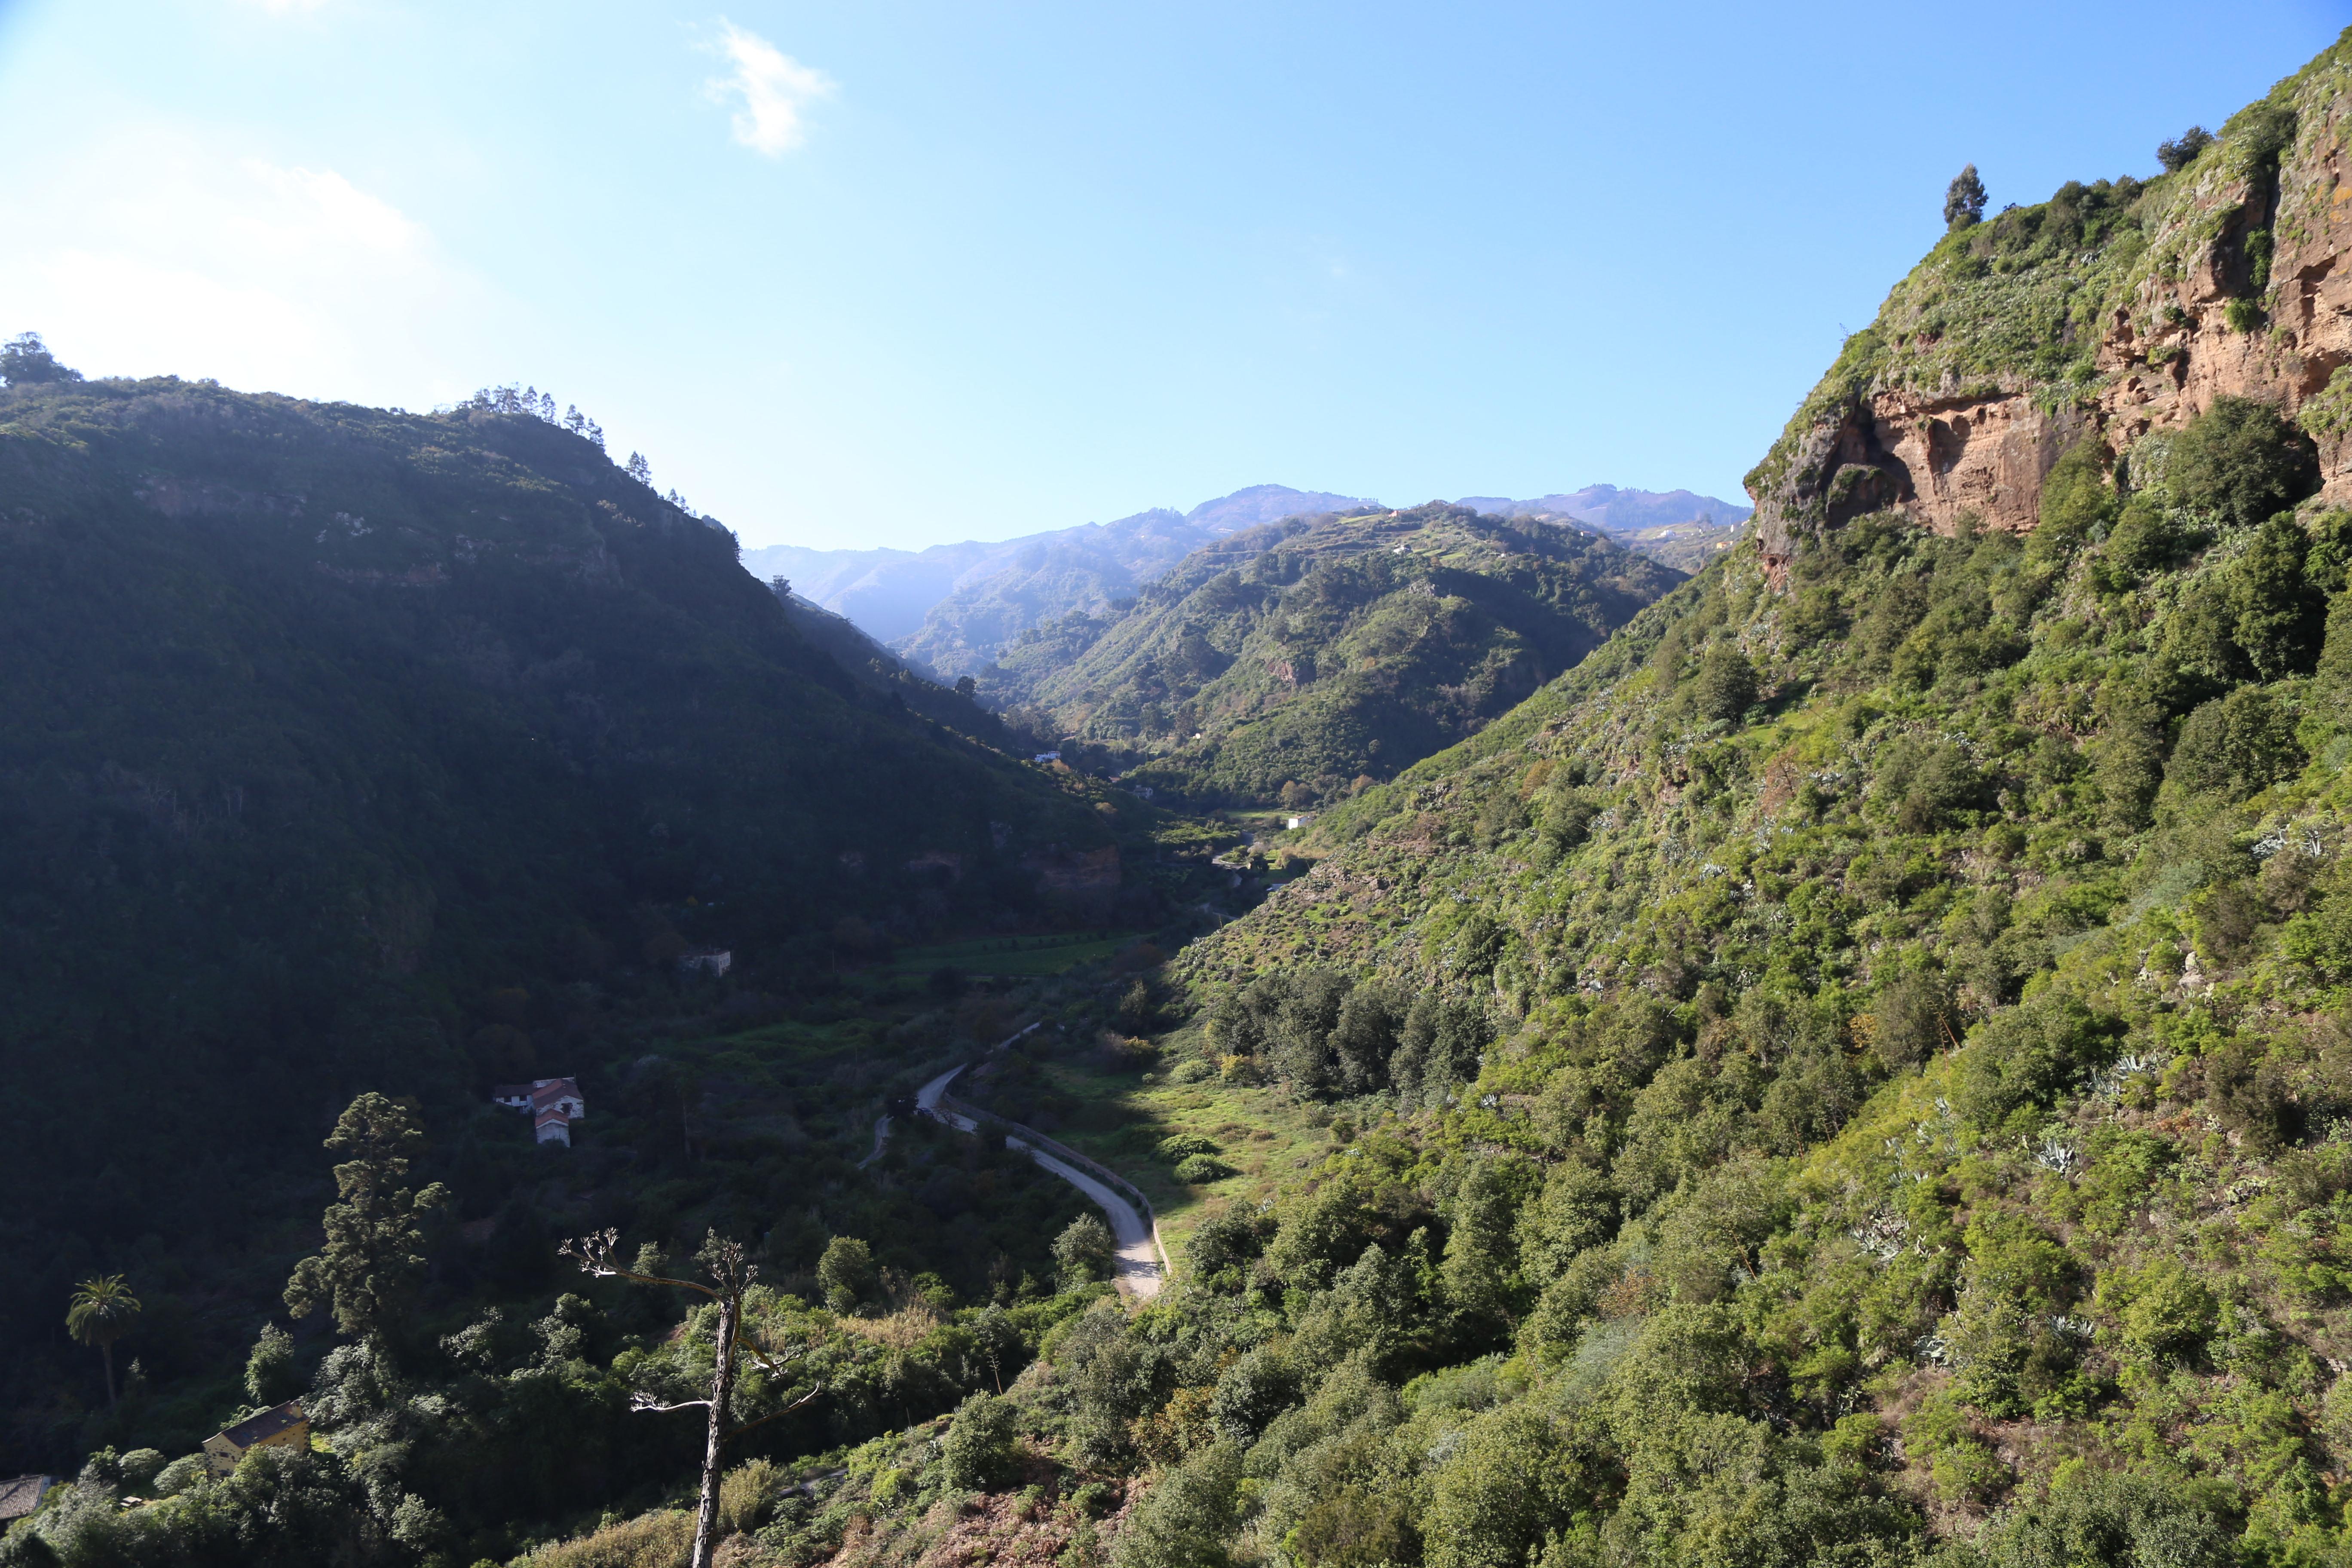 Ruta de senderismo por la zona del Parque Rural de Doramas